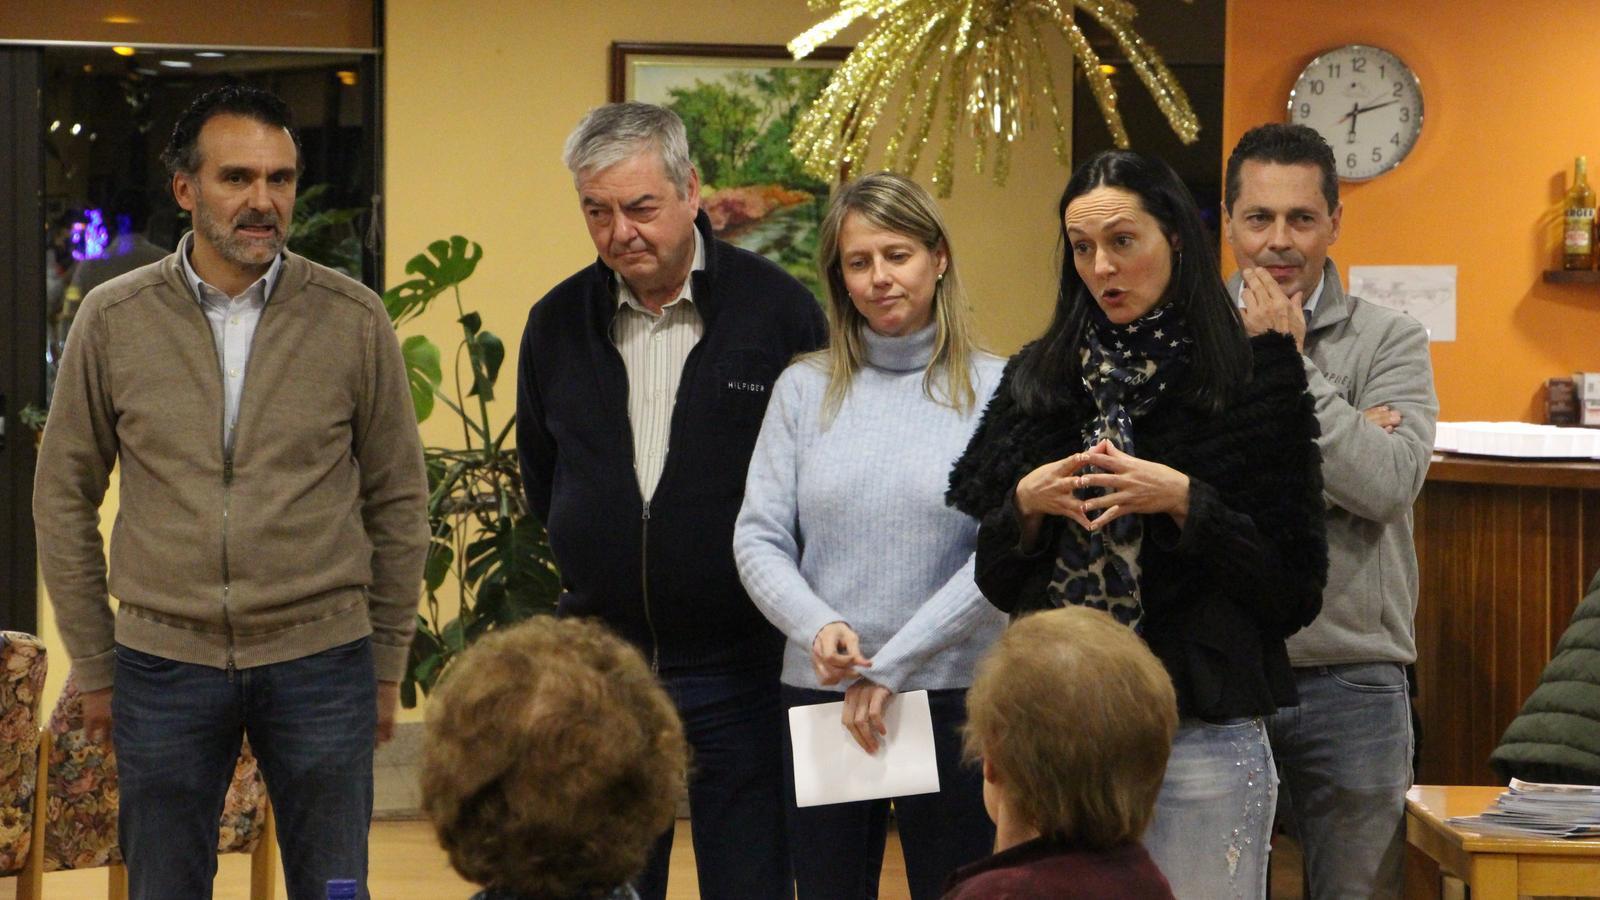 Els candidats de Ciutadans Compromesos, amb Olga Molné al capdavant, han visitat les padrines i padrins de la casa pairal de la Massana. / M.P.